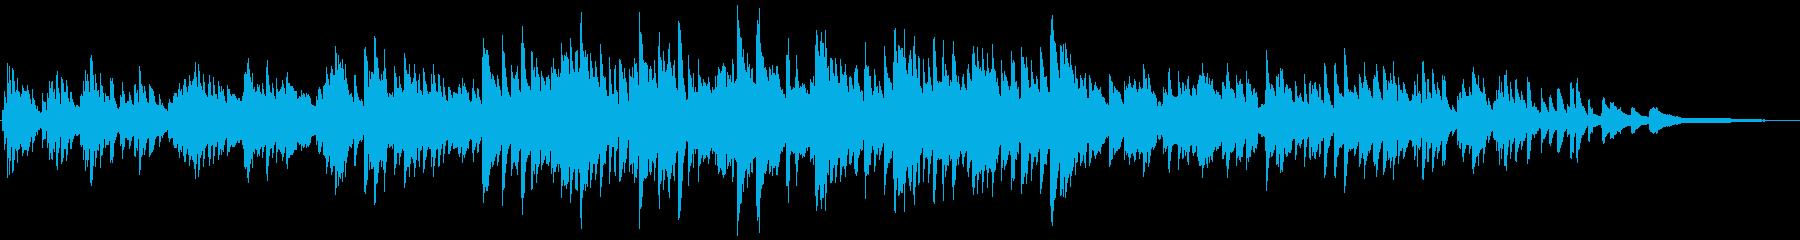 企業VP・CM 和風で美しいピアノソロの再生済みの波形